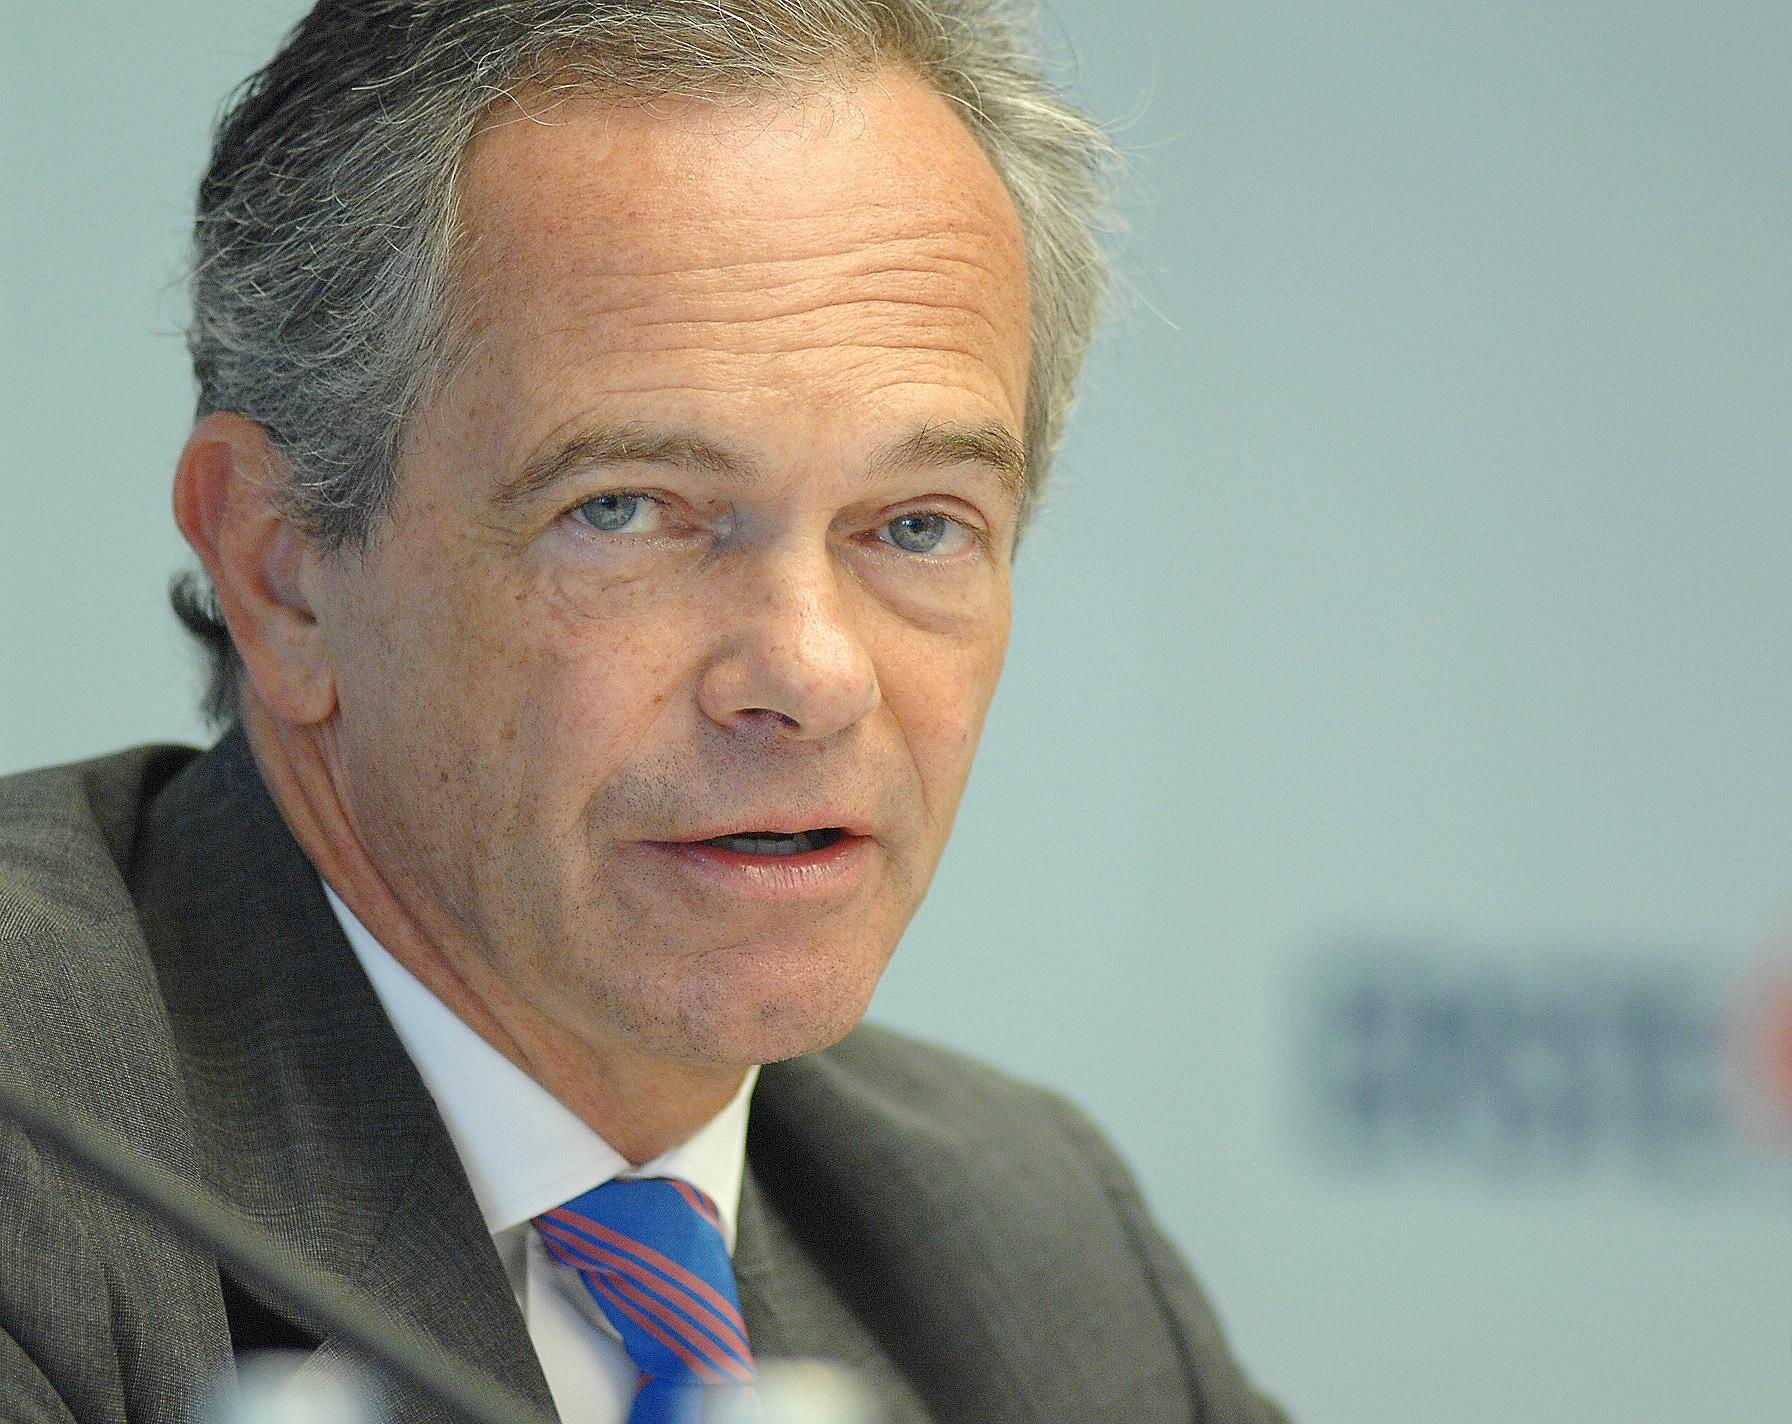 Erste Group raportează un profit net de aproape 1,8 mld. EUR în 2018